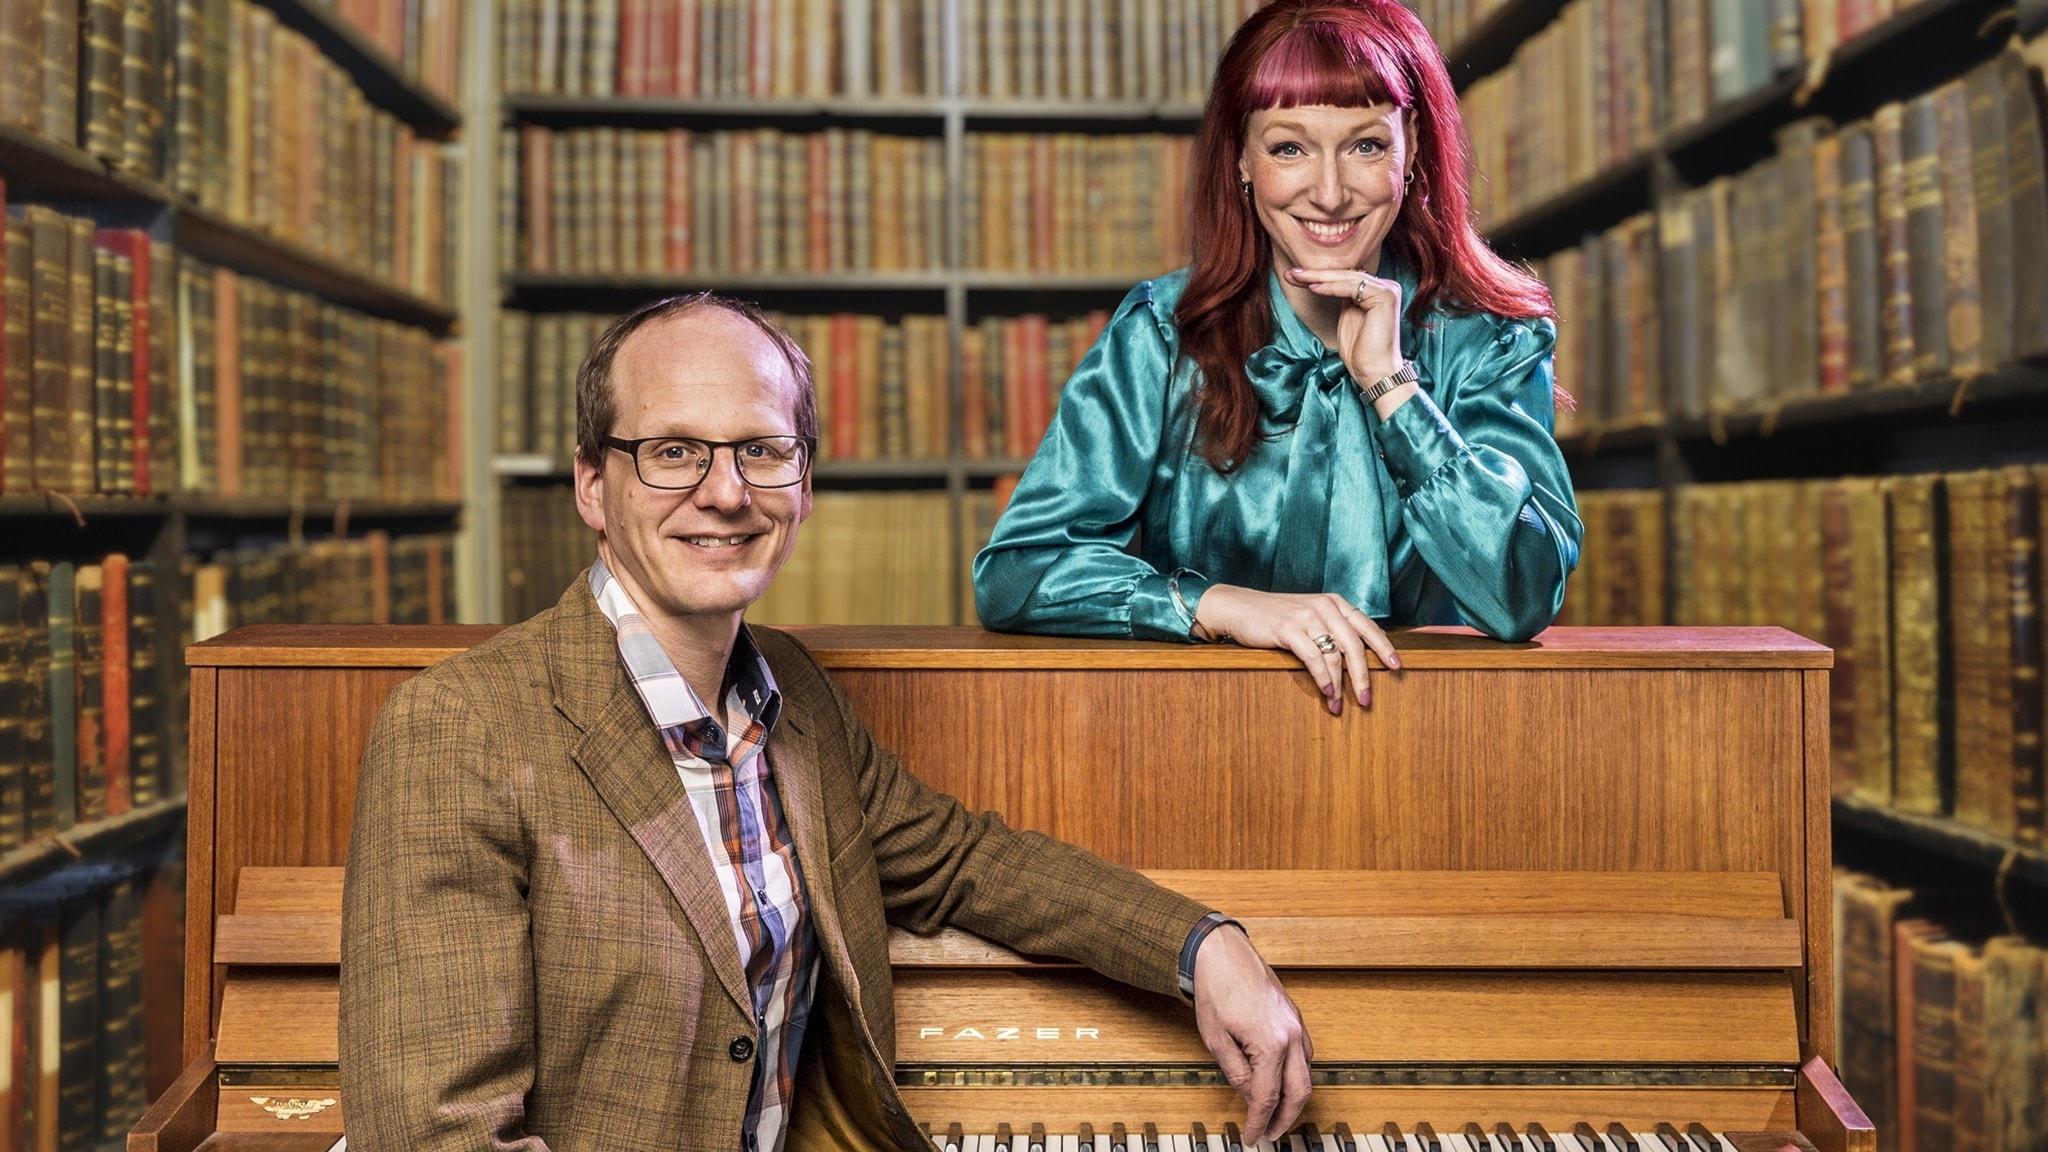 Programledarna Mattias Lundberg och Josefin Johansson står fram ett piano med böcker i bakgrunden.